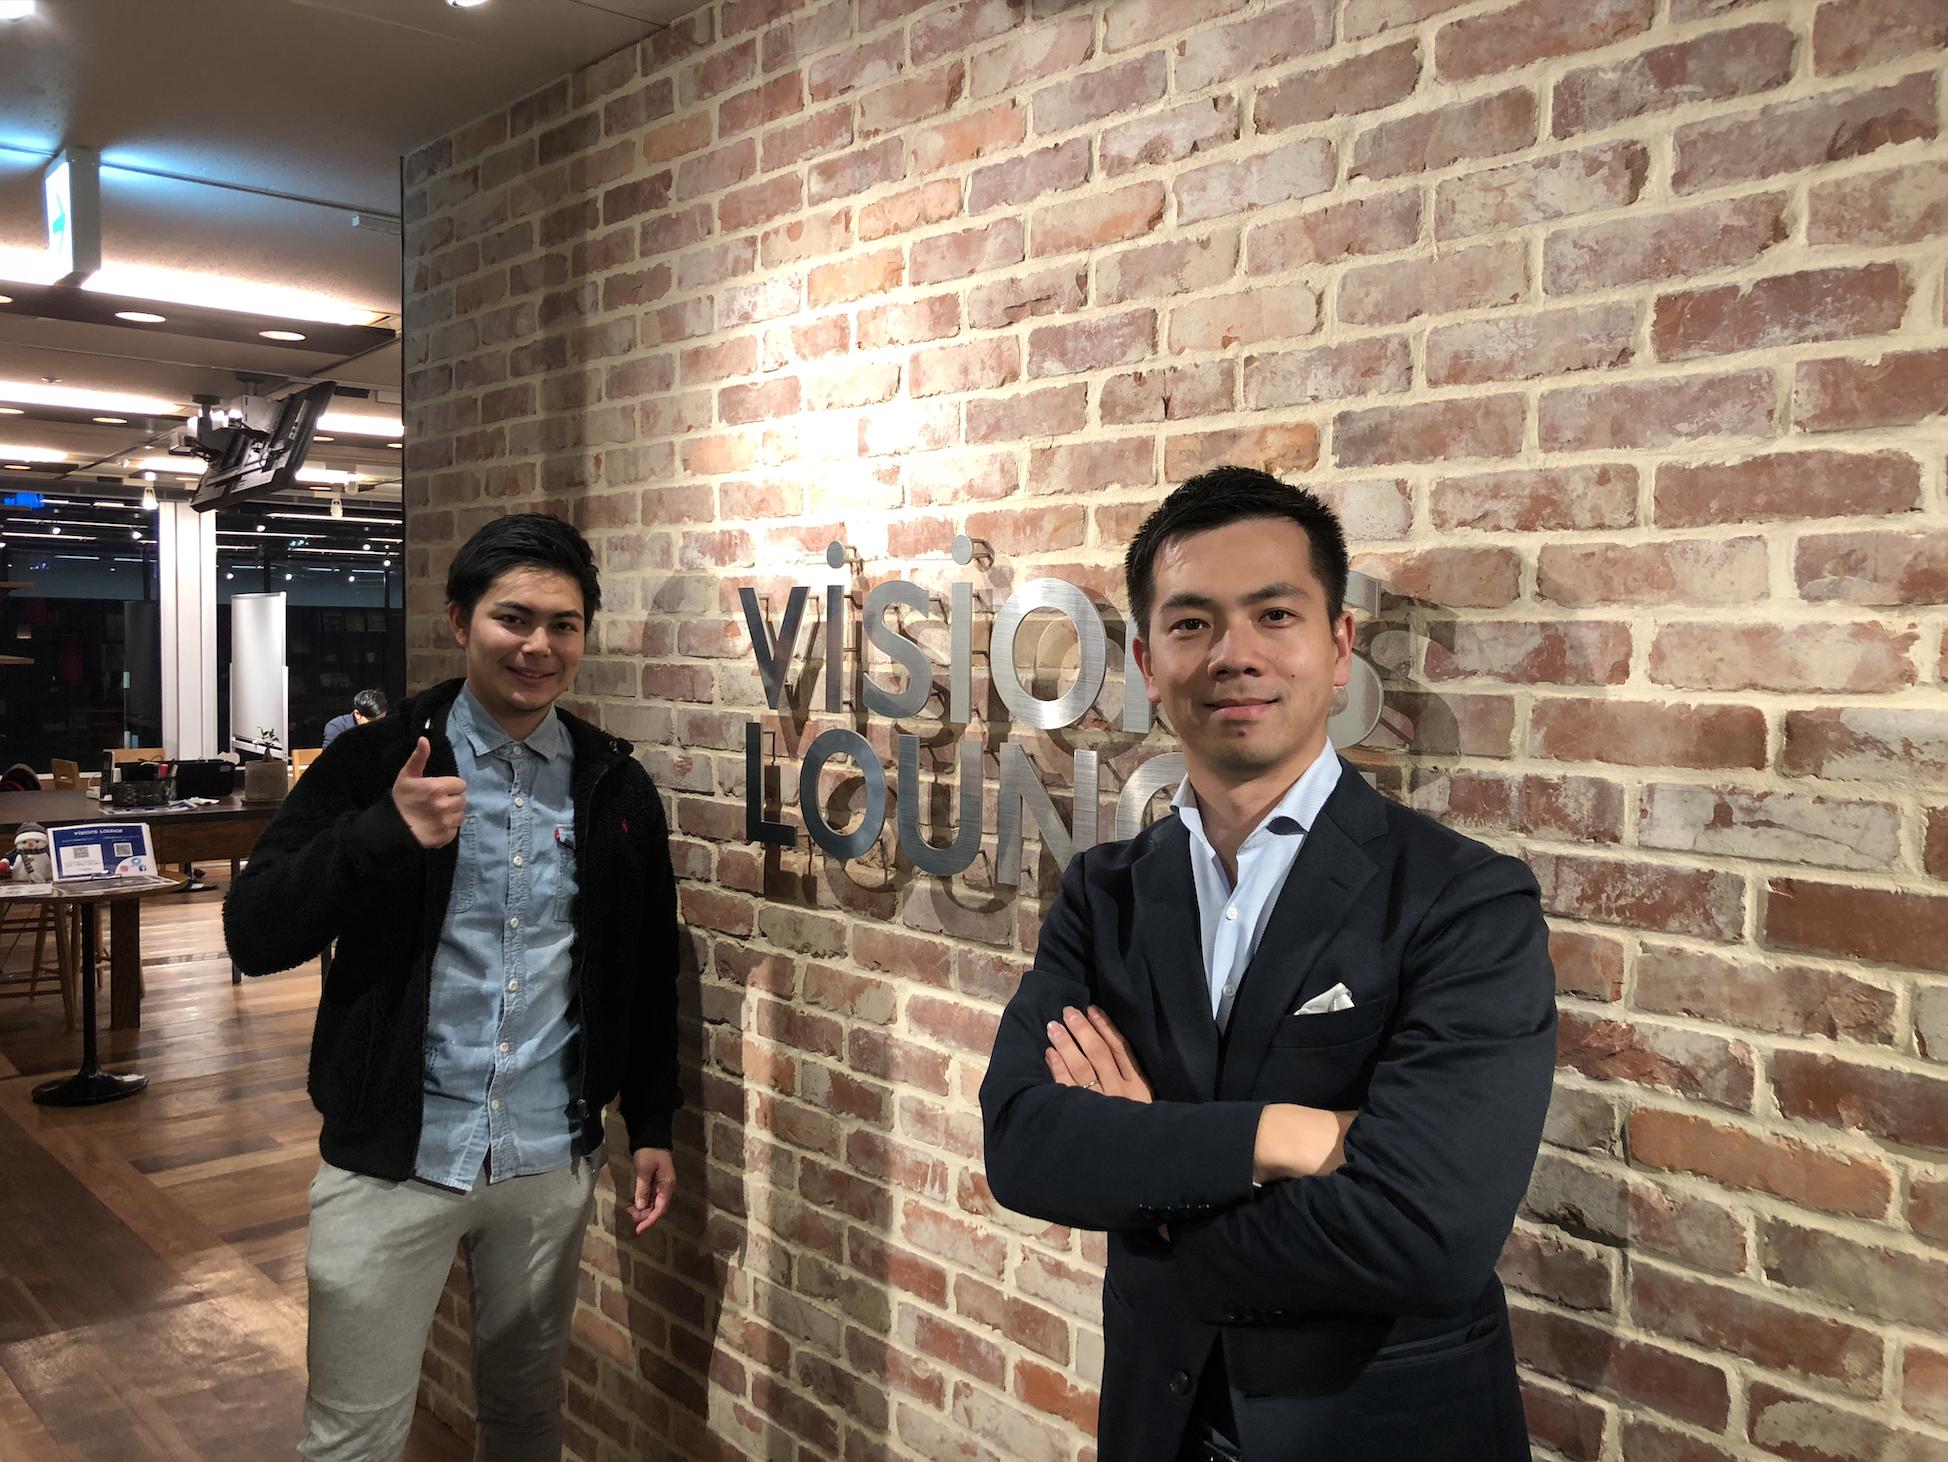 【志インタビューVol.5】山田馨太-言葉が持つ力でメンバーが輝ける環境づくりをしたい-